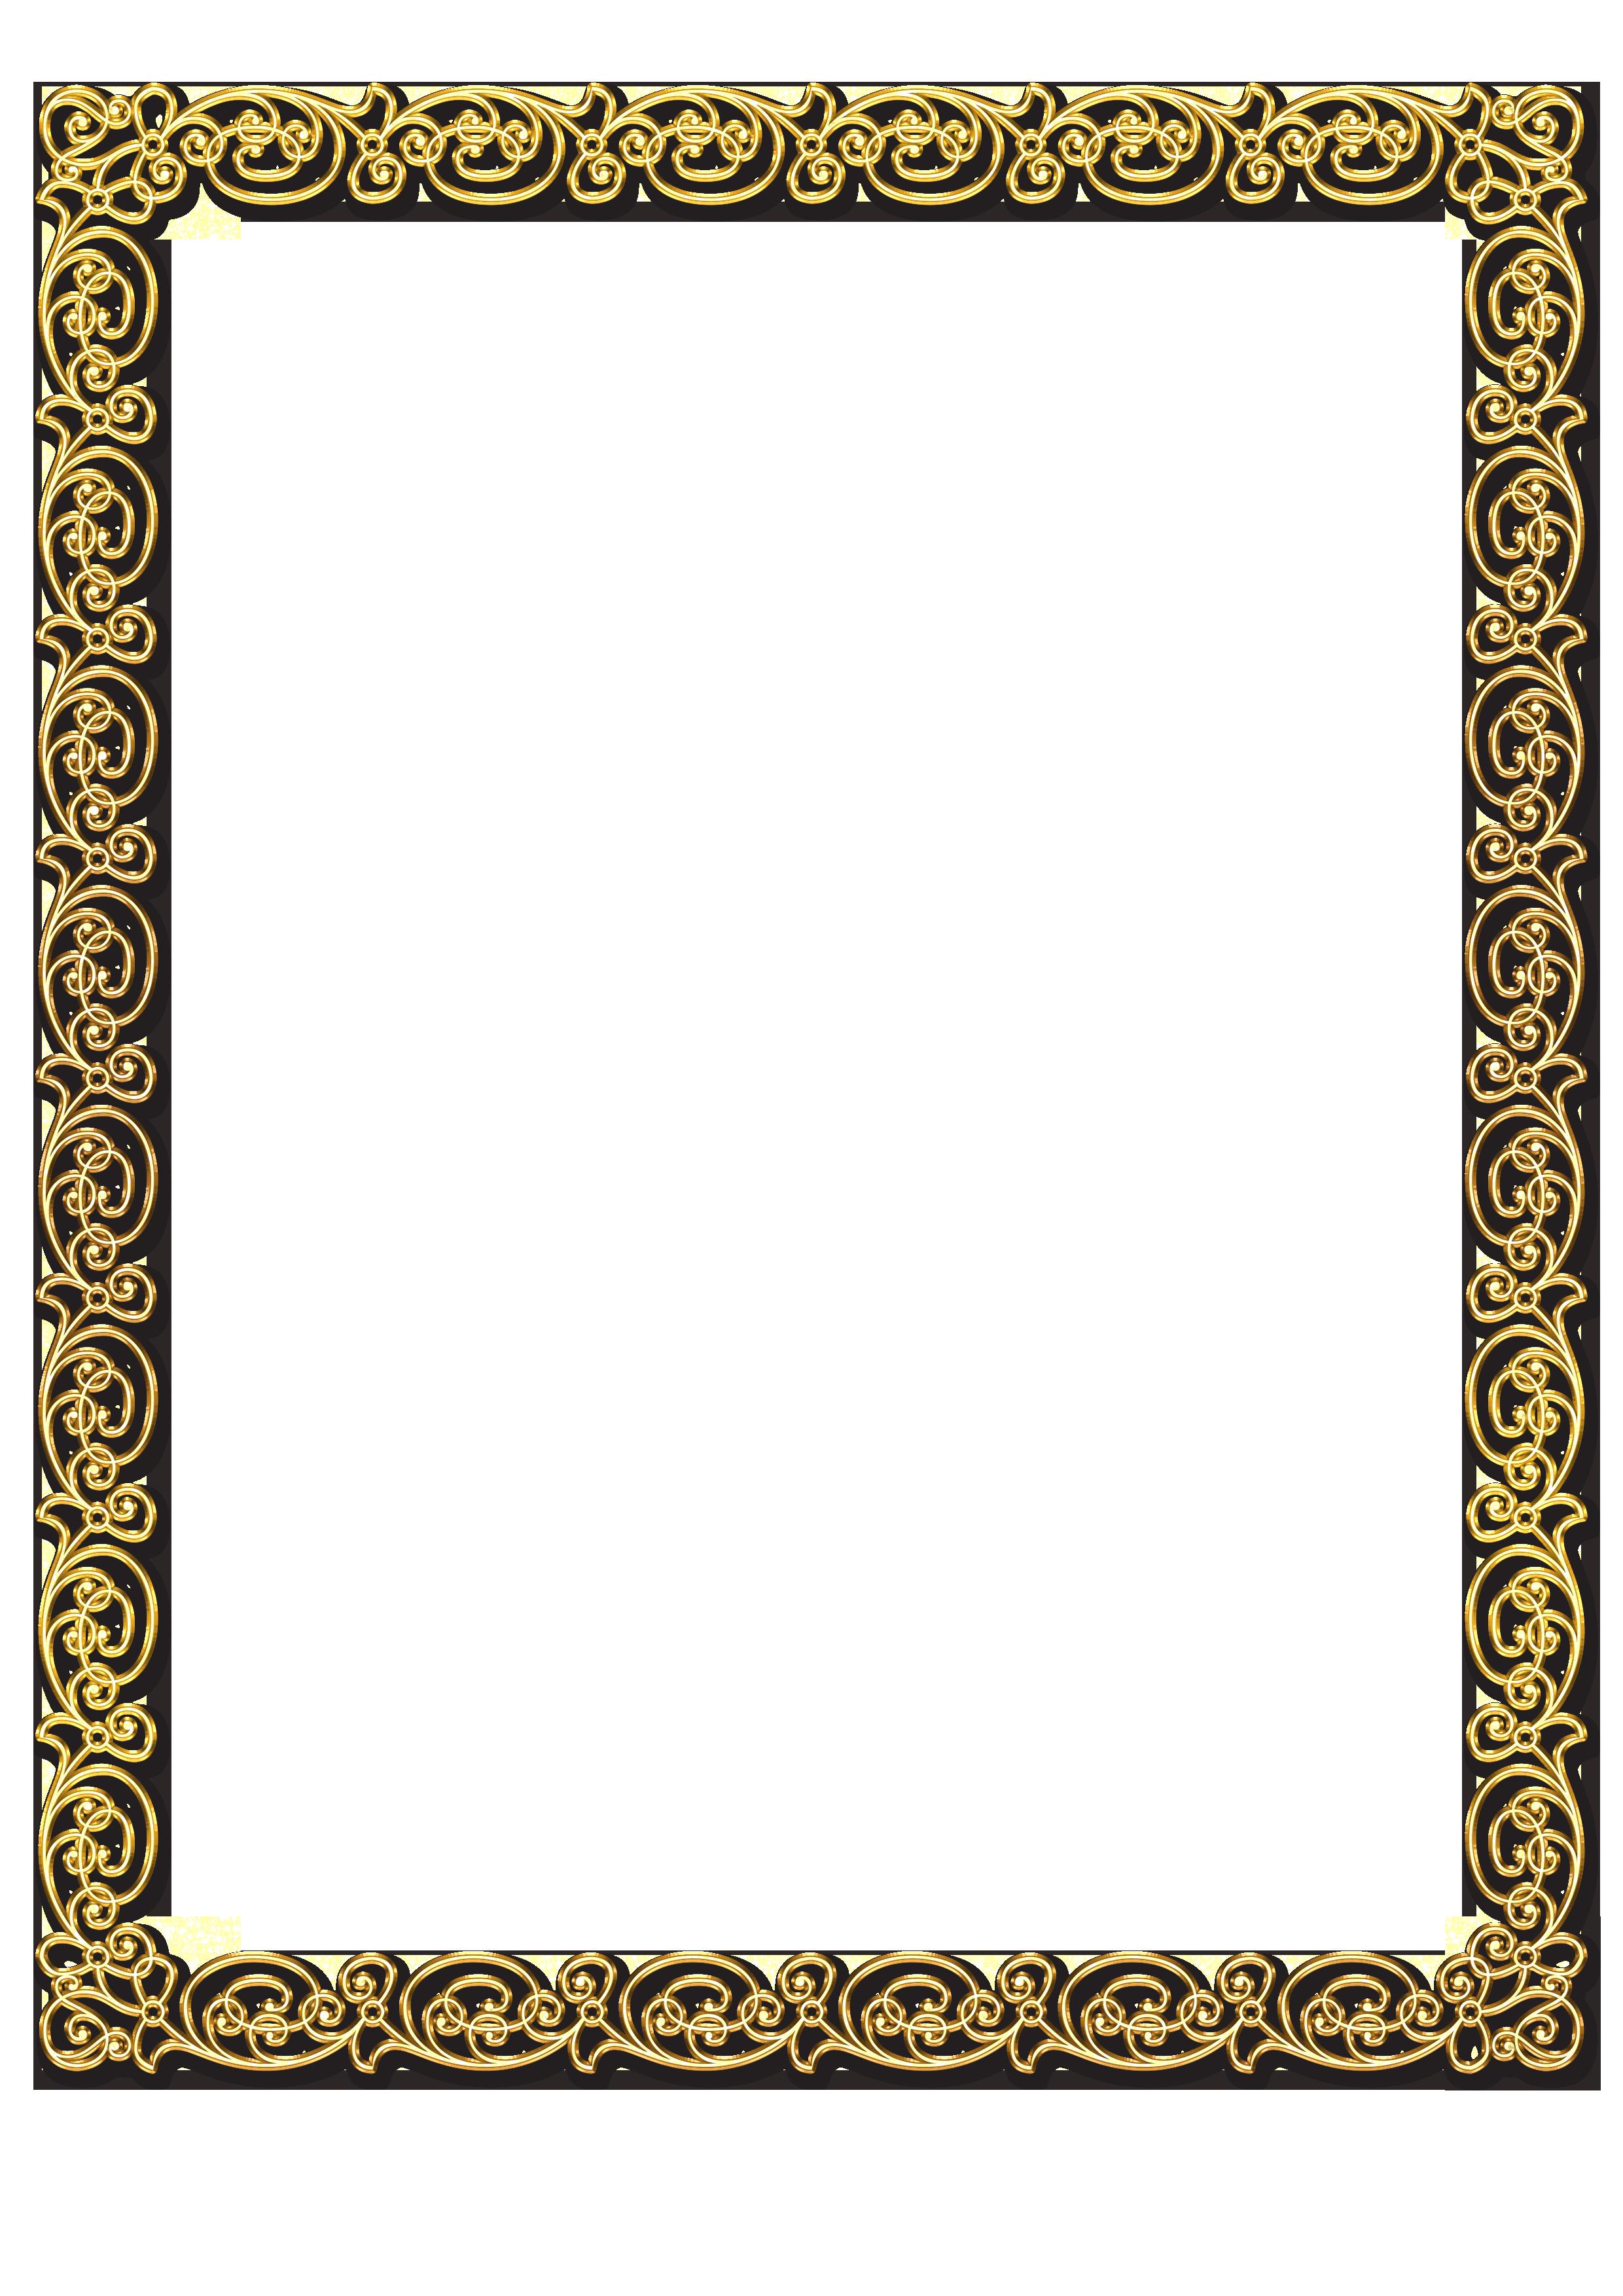 Узоры золотые фото